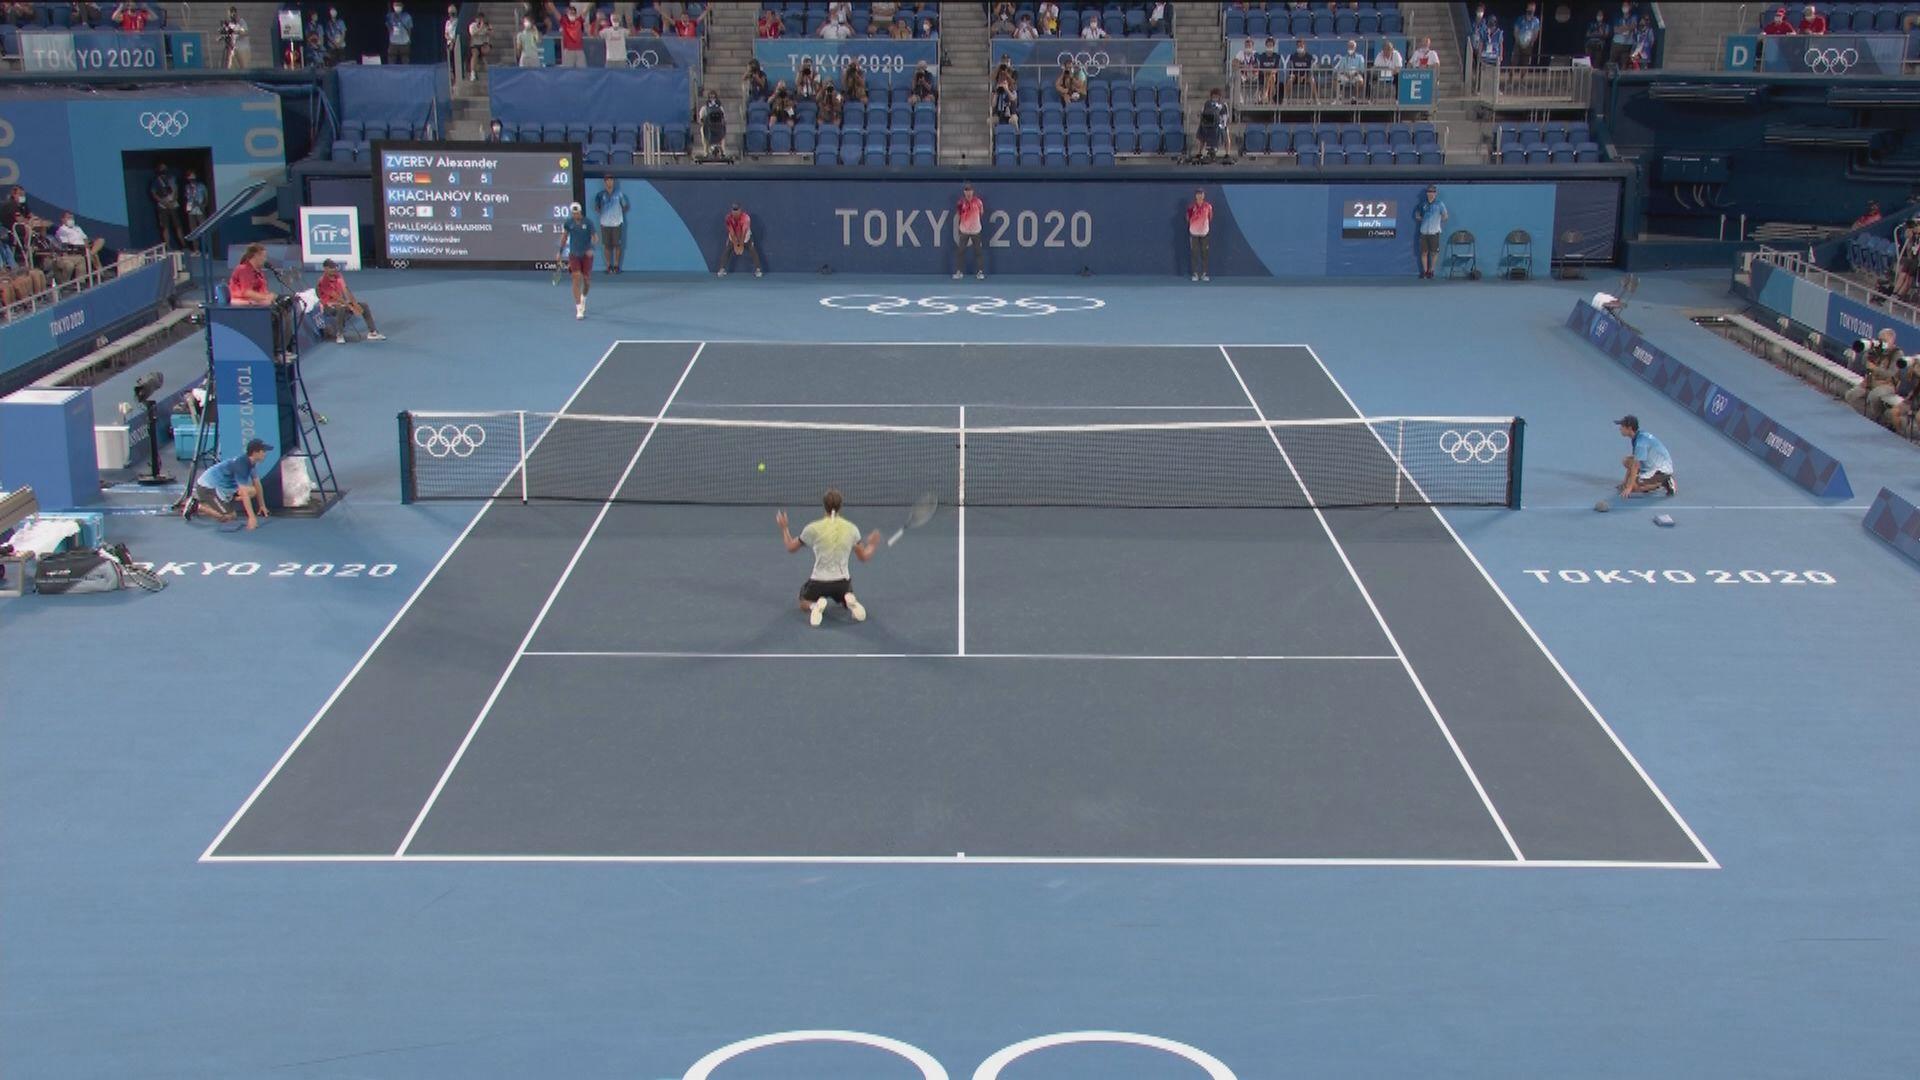 施維列夫兩盤擊敗卡查洛夫 取得德國首面網球男單金牌